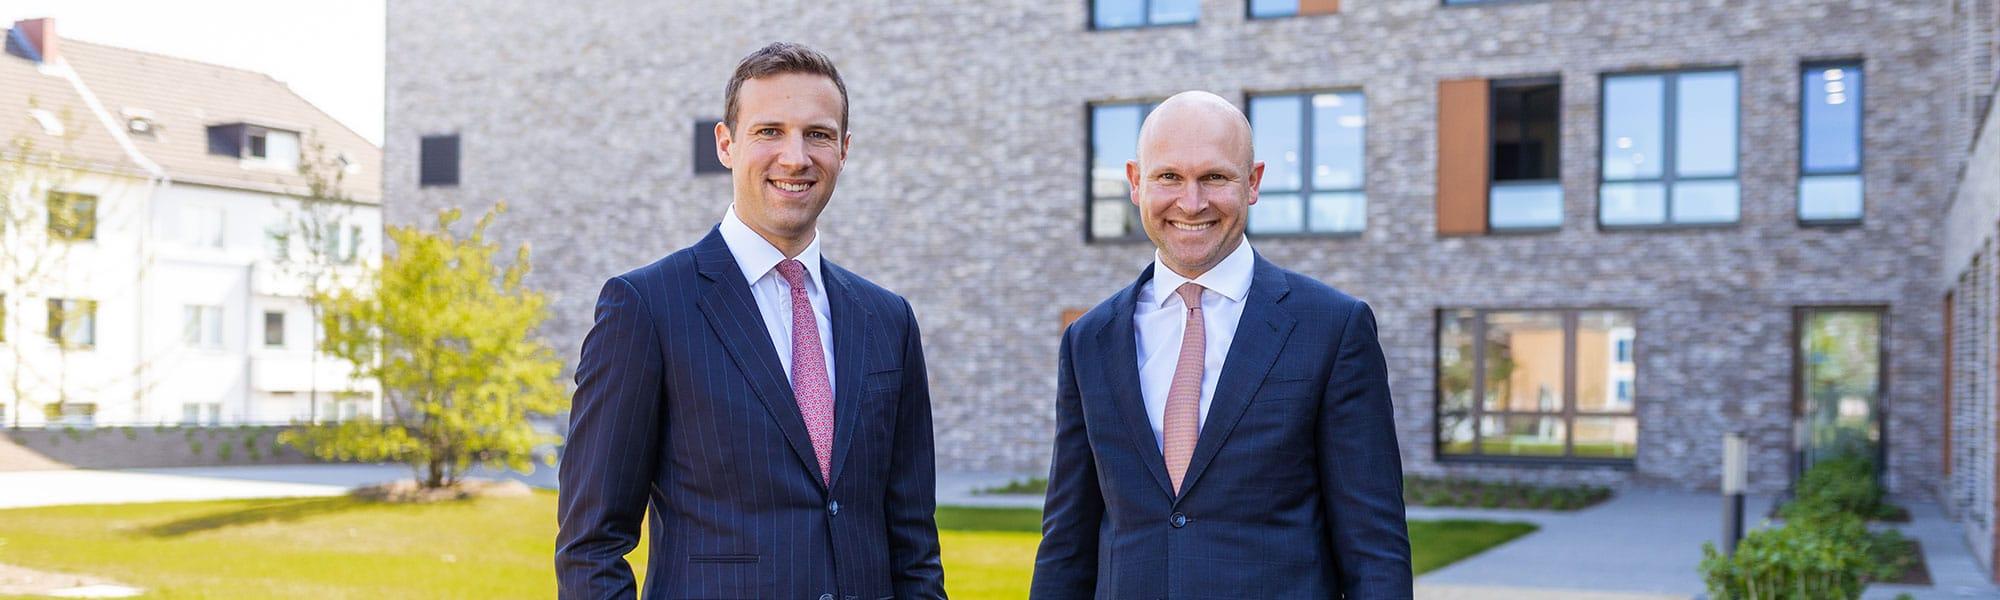 Christian Hansmann und Daniel Hartmann - Geschäftsführer der RUHR REAL GmbH